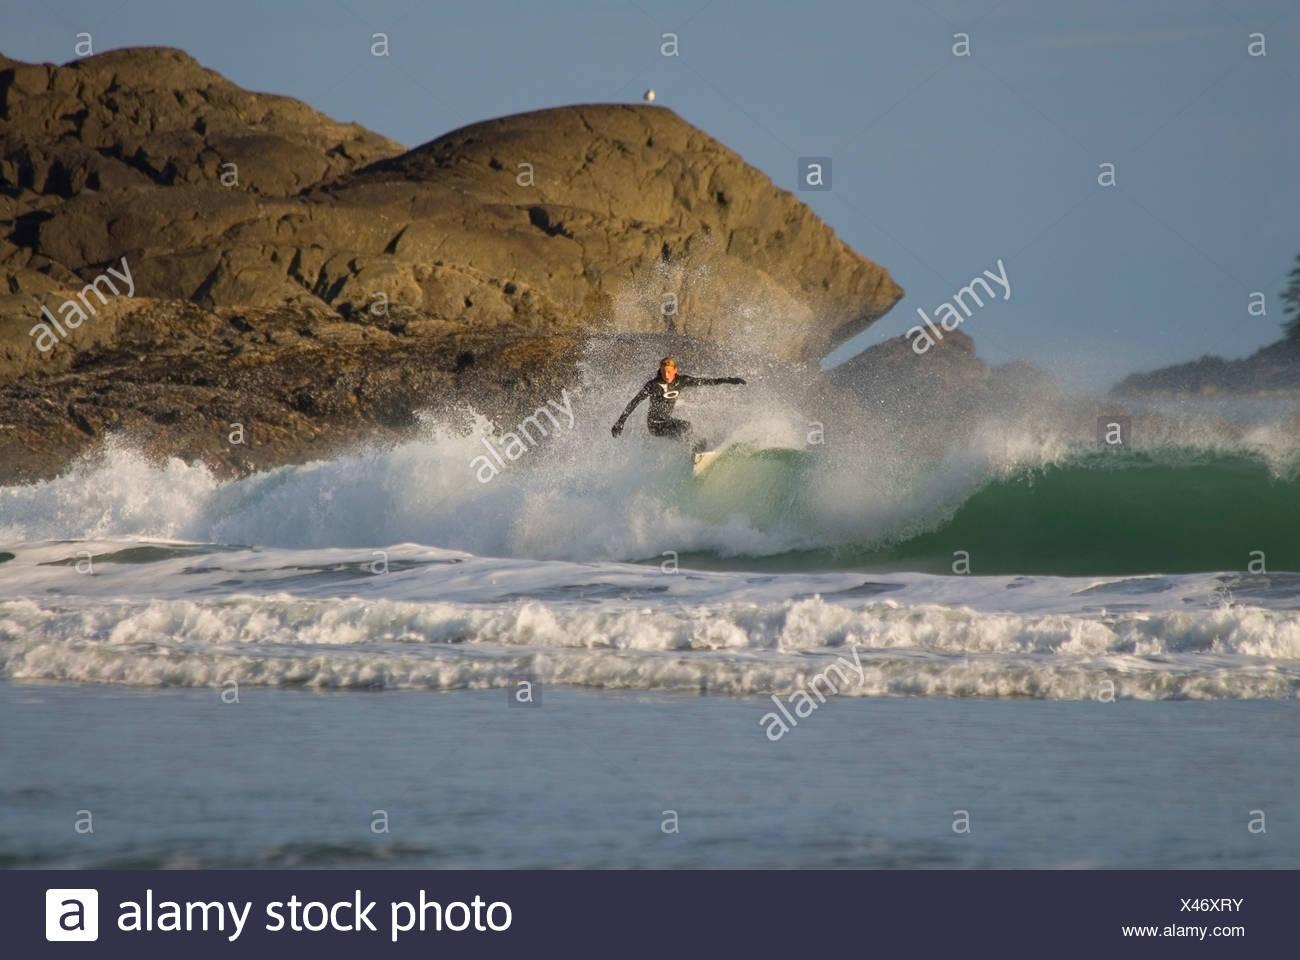 Un surfista sfide gli interruttori a Cox Bay, vicino a Tofino, sulla costa occidentale dell'isola di Vancouver, British Columbia, Canada. Immagini Stock